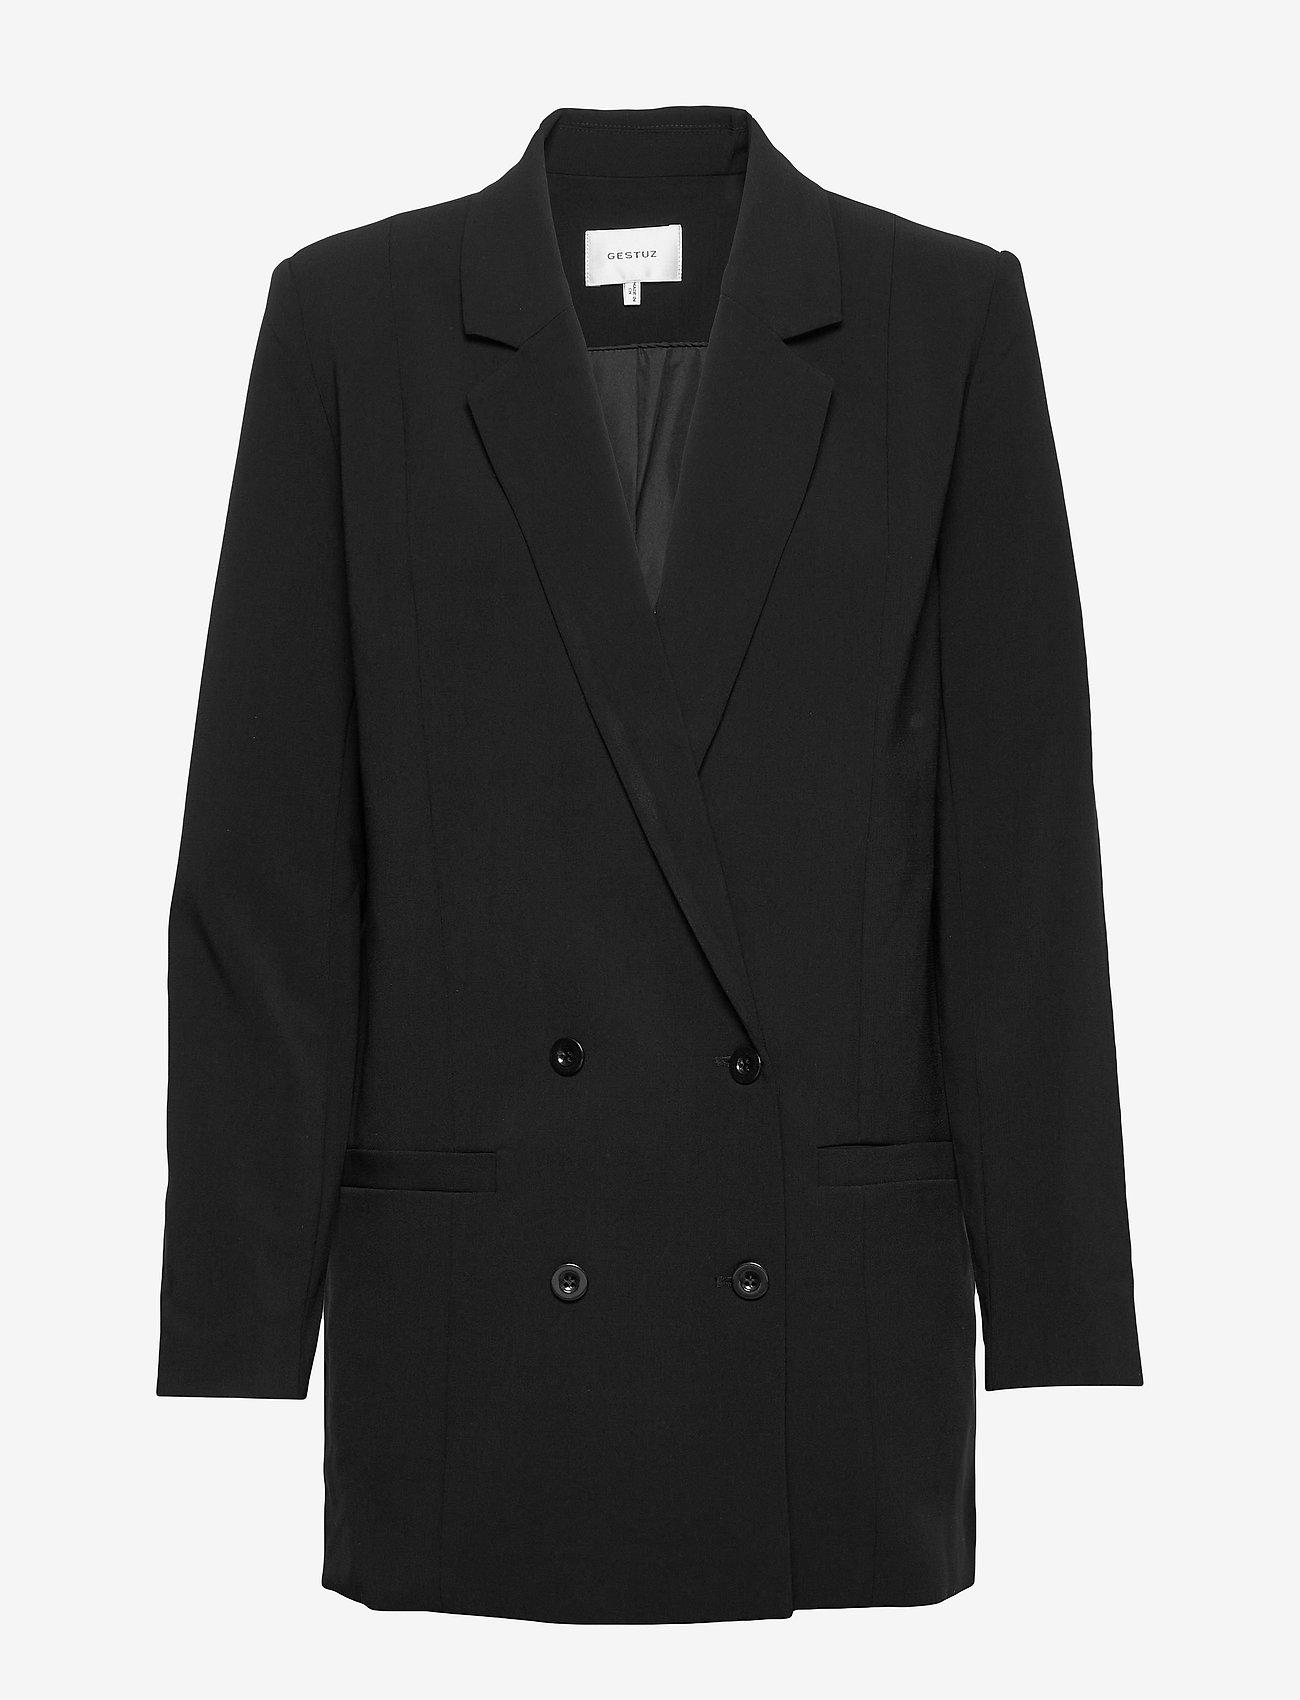 Gestuz - JoelleGZ Blazer NOOS - oversized blazere - black - 1